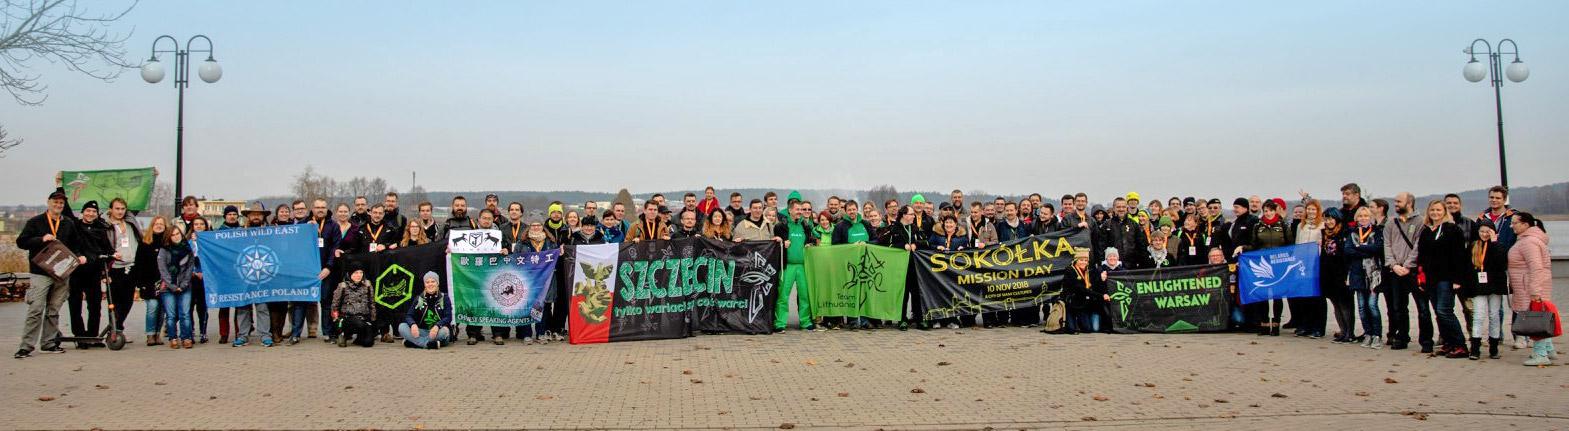 Sokolka Mission Day 2018